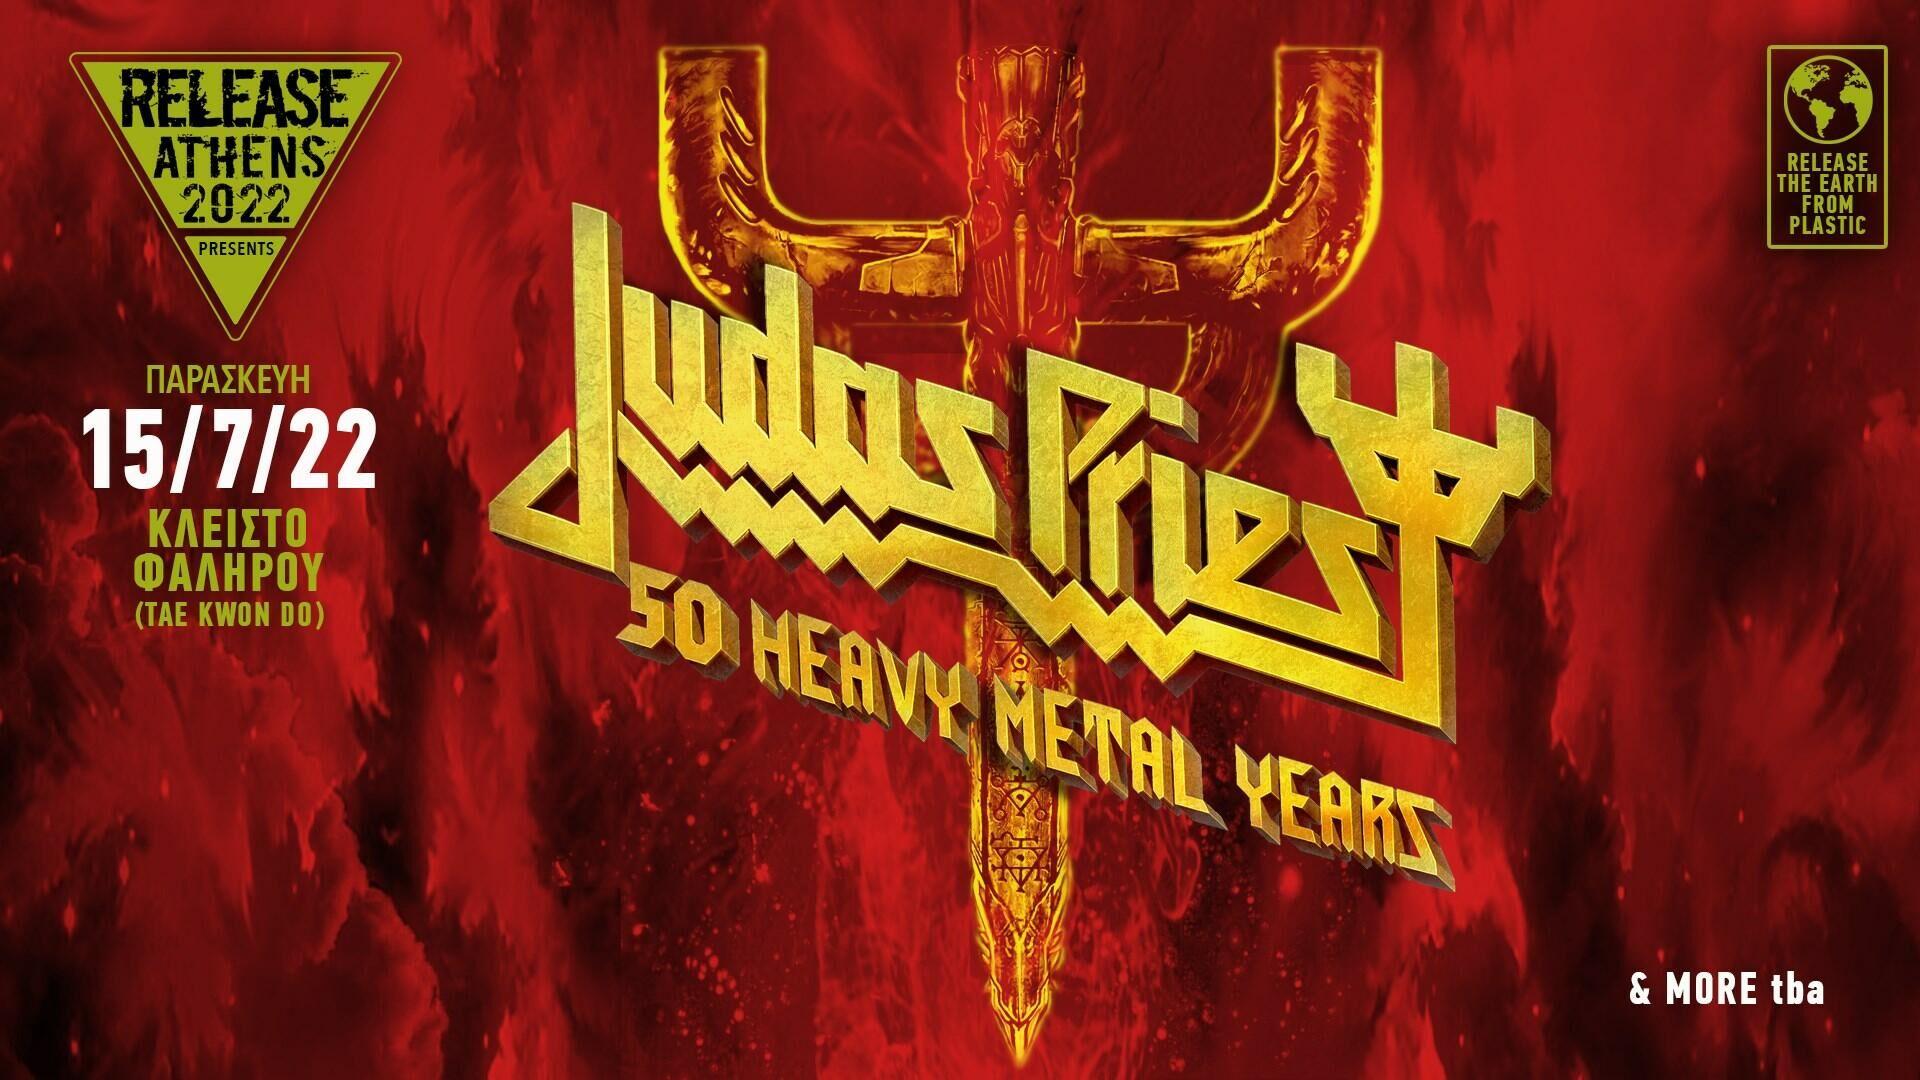 Οι Judas Priest στο Release Athens 2022 - Sputnik Ελλάδα, 1920, 28.09.2021